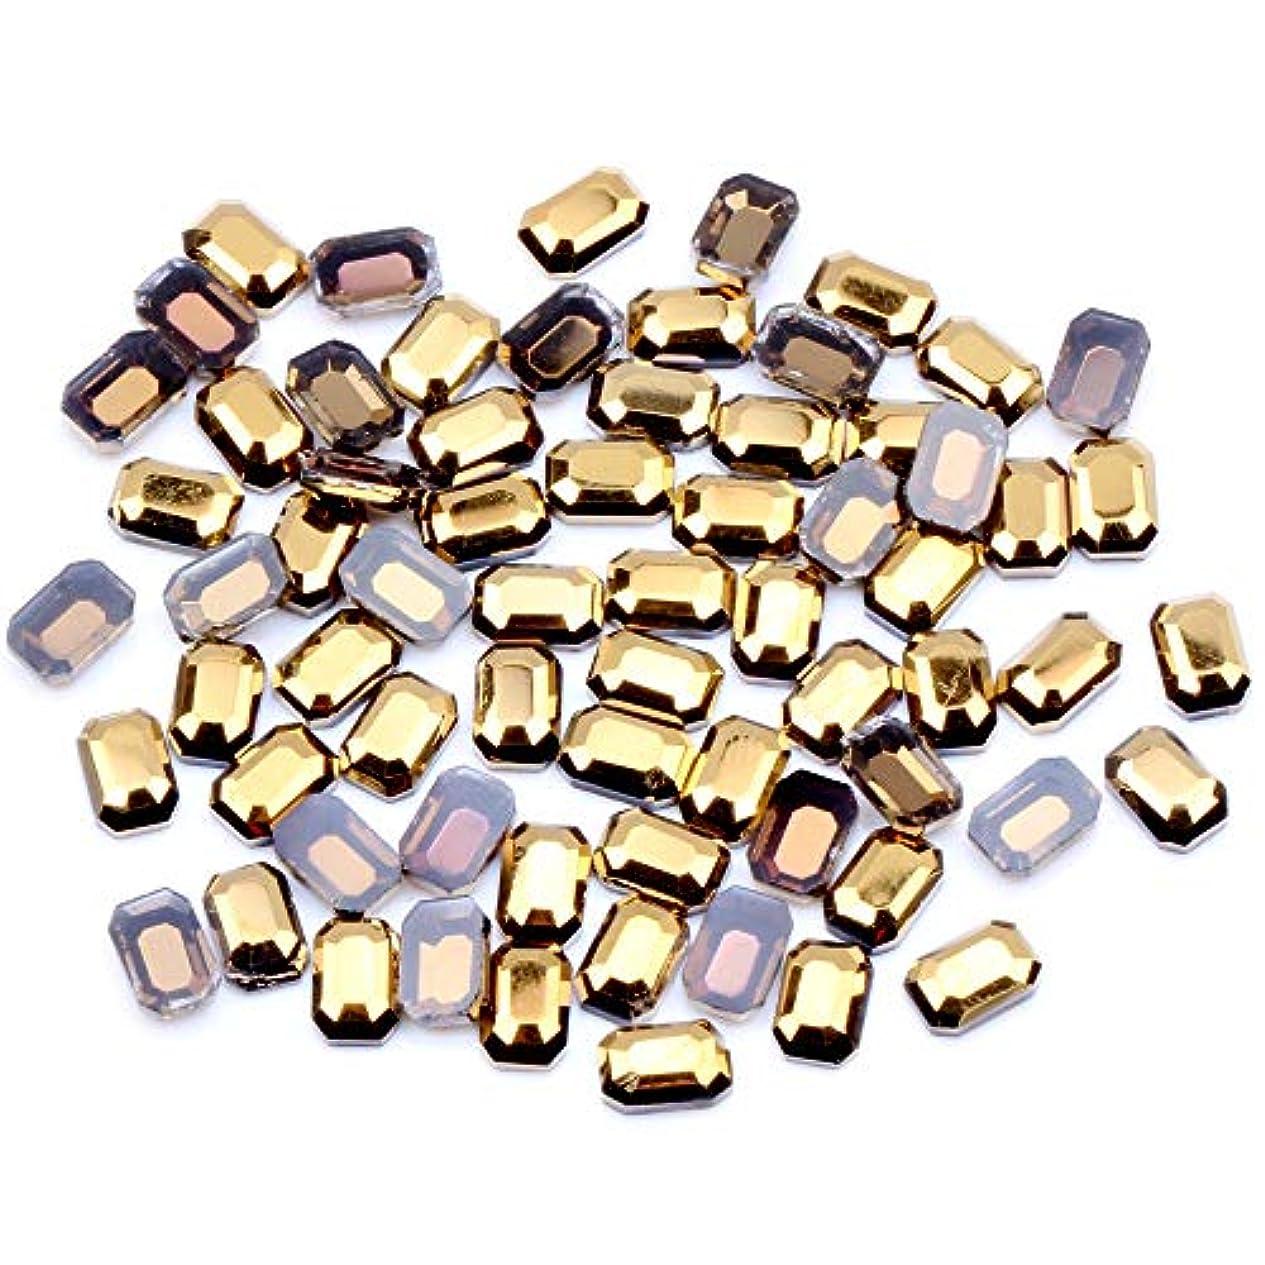 怖がって死ぬランプコカインNIZIマルチサイズオプション20ピースヘマタイトゴールドフラットバックラインストーンキラキラガラスストラスdiyネイルアートストーンダンス服の装飾(01ヘマタイトゴールド4×6)